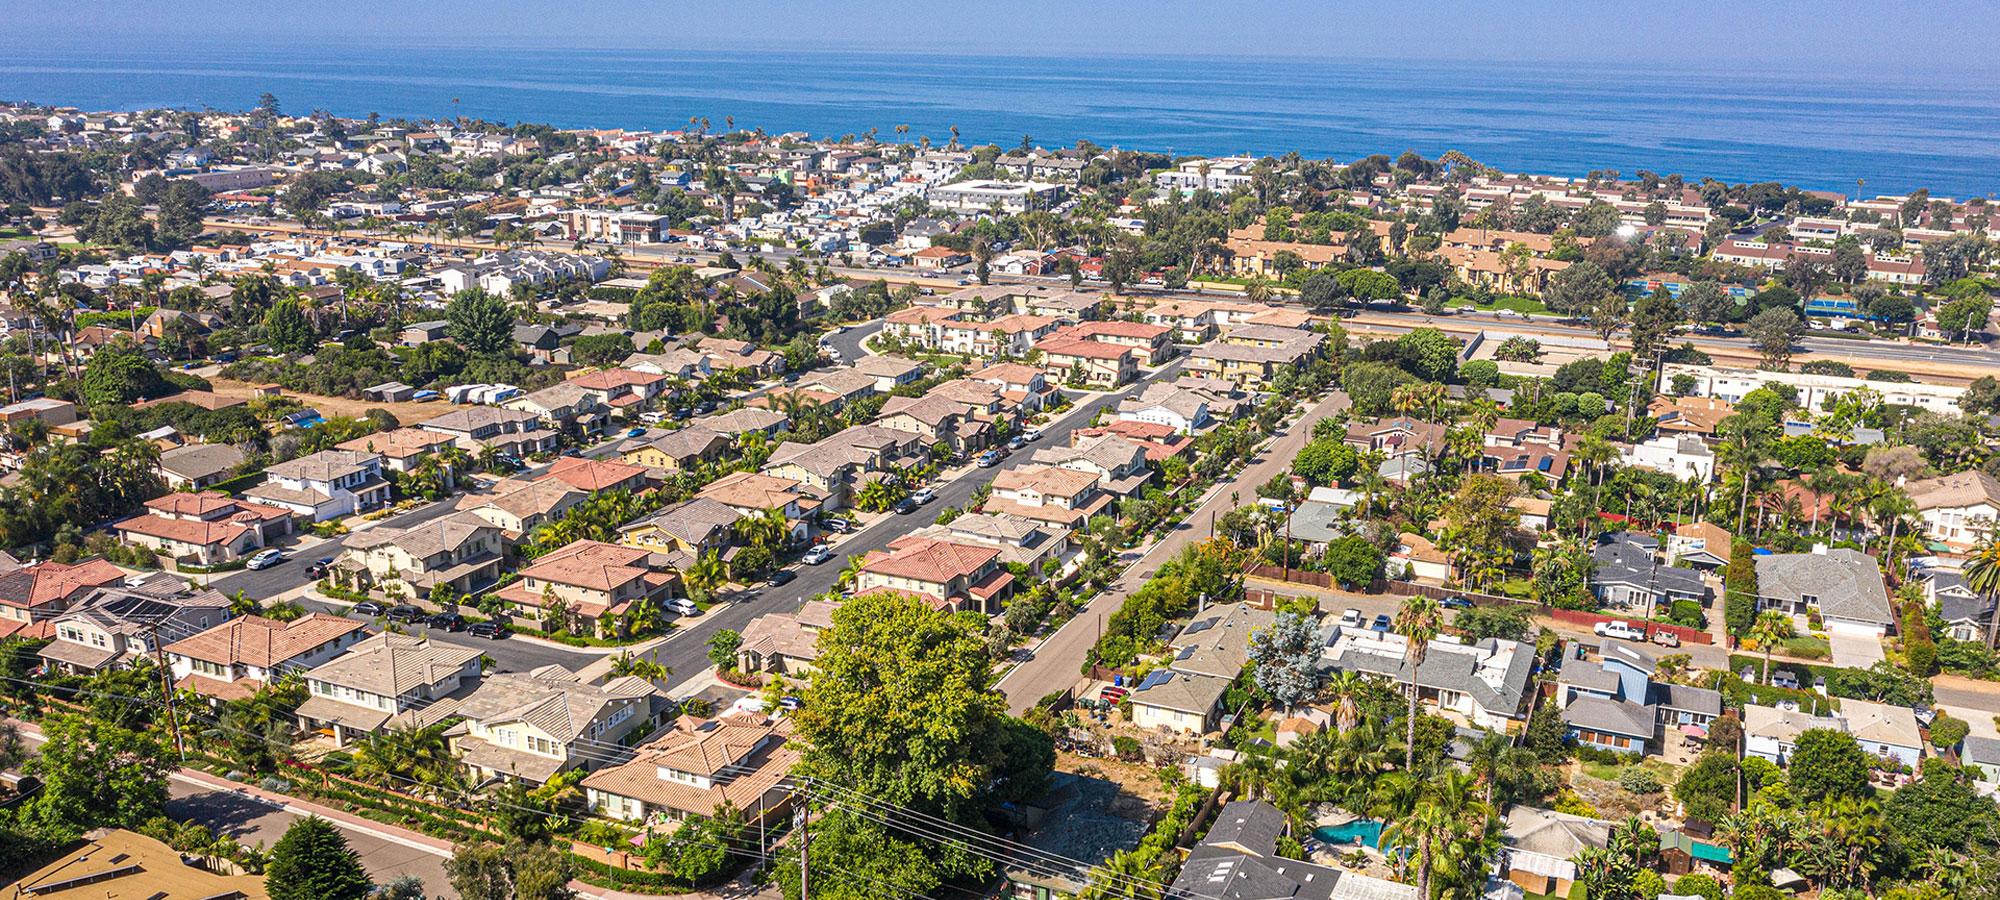 1704 Hygeia Avenue, Encinitas, CA 92024